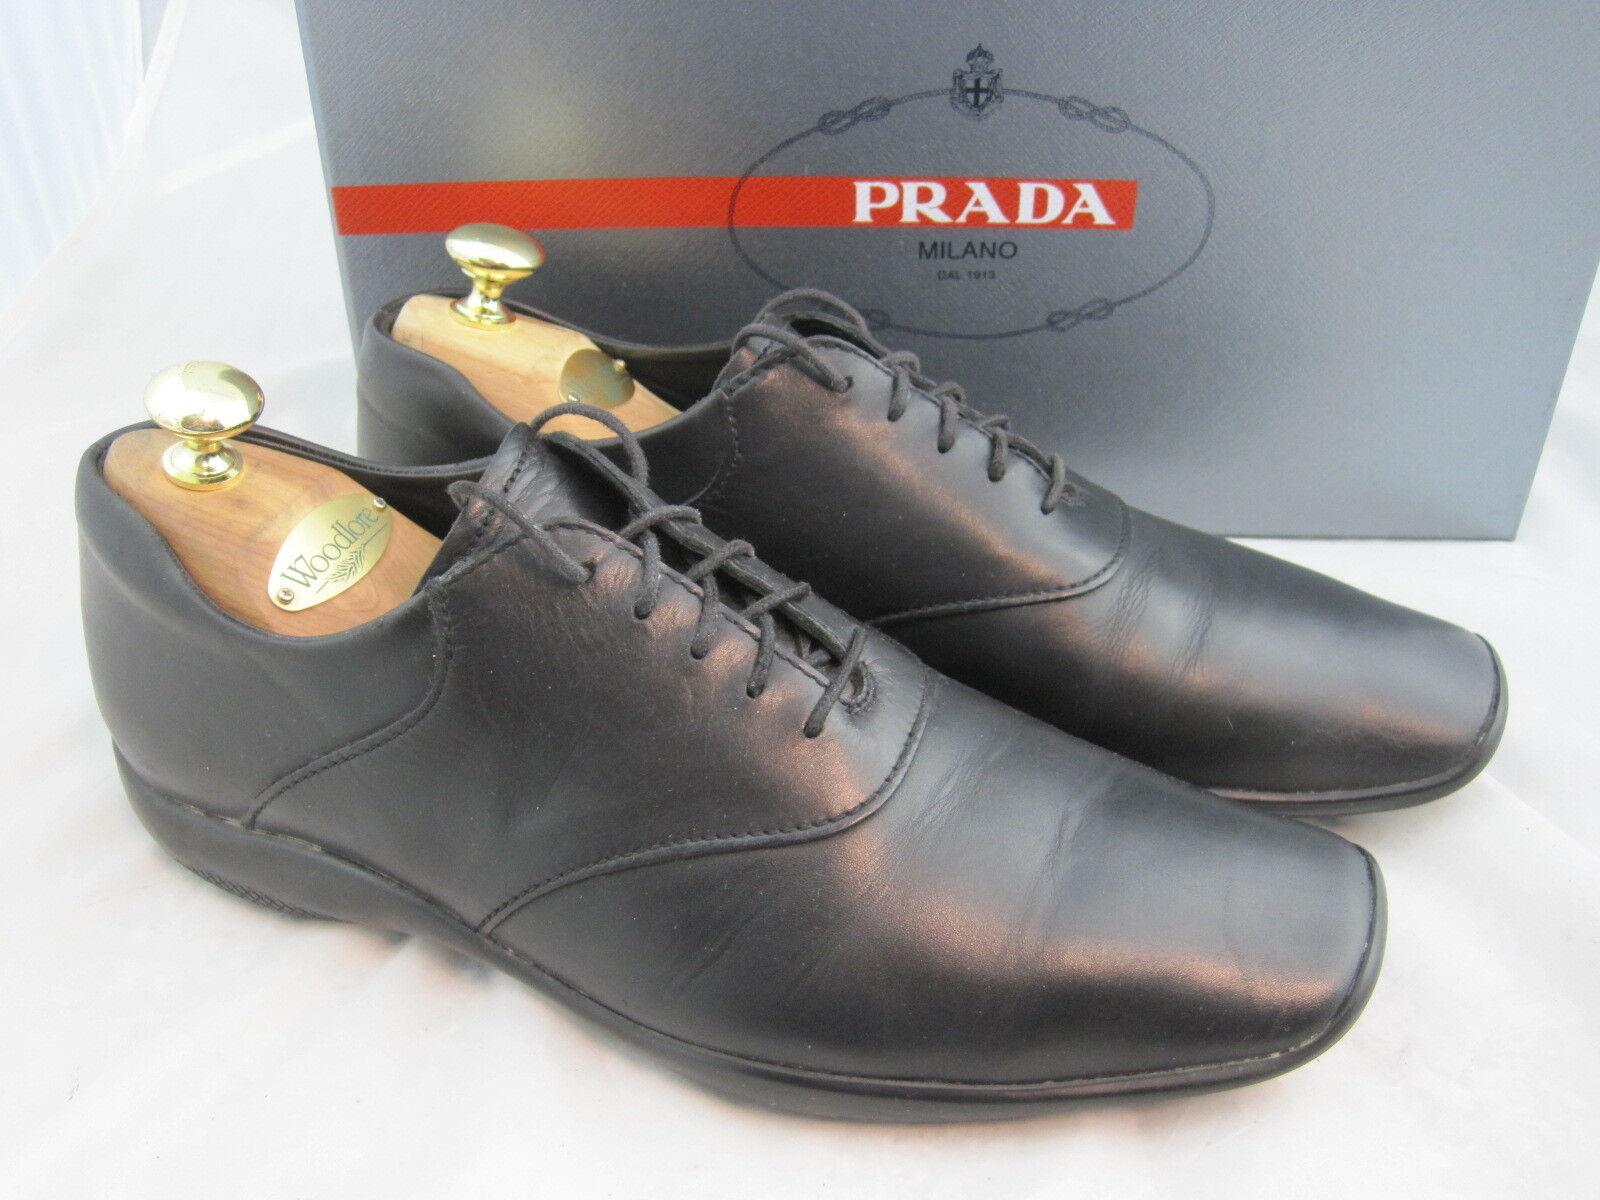 Prada zapatos caballero en 40,5  Mejores negro np